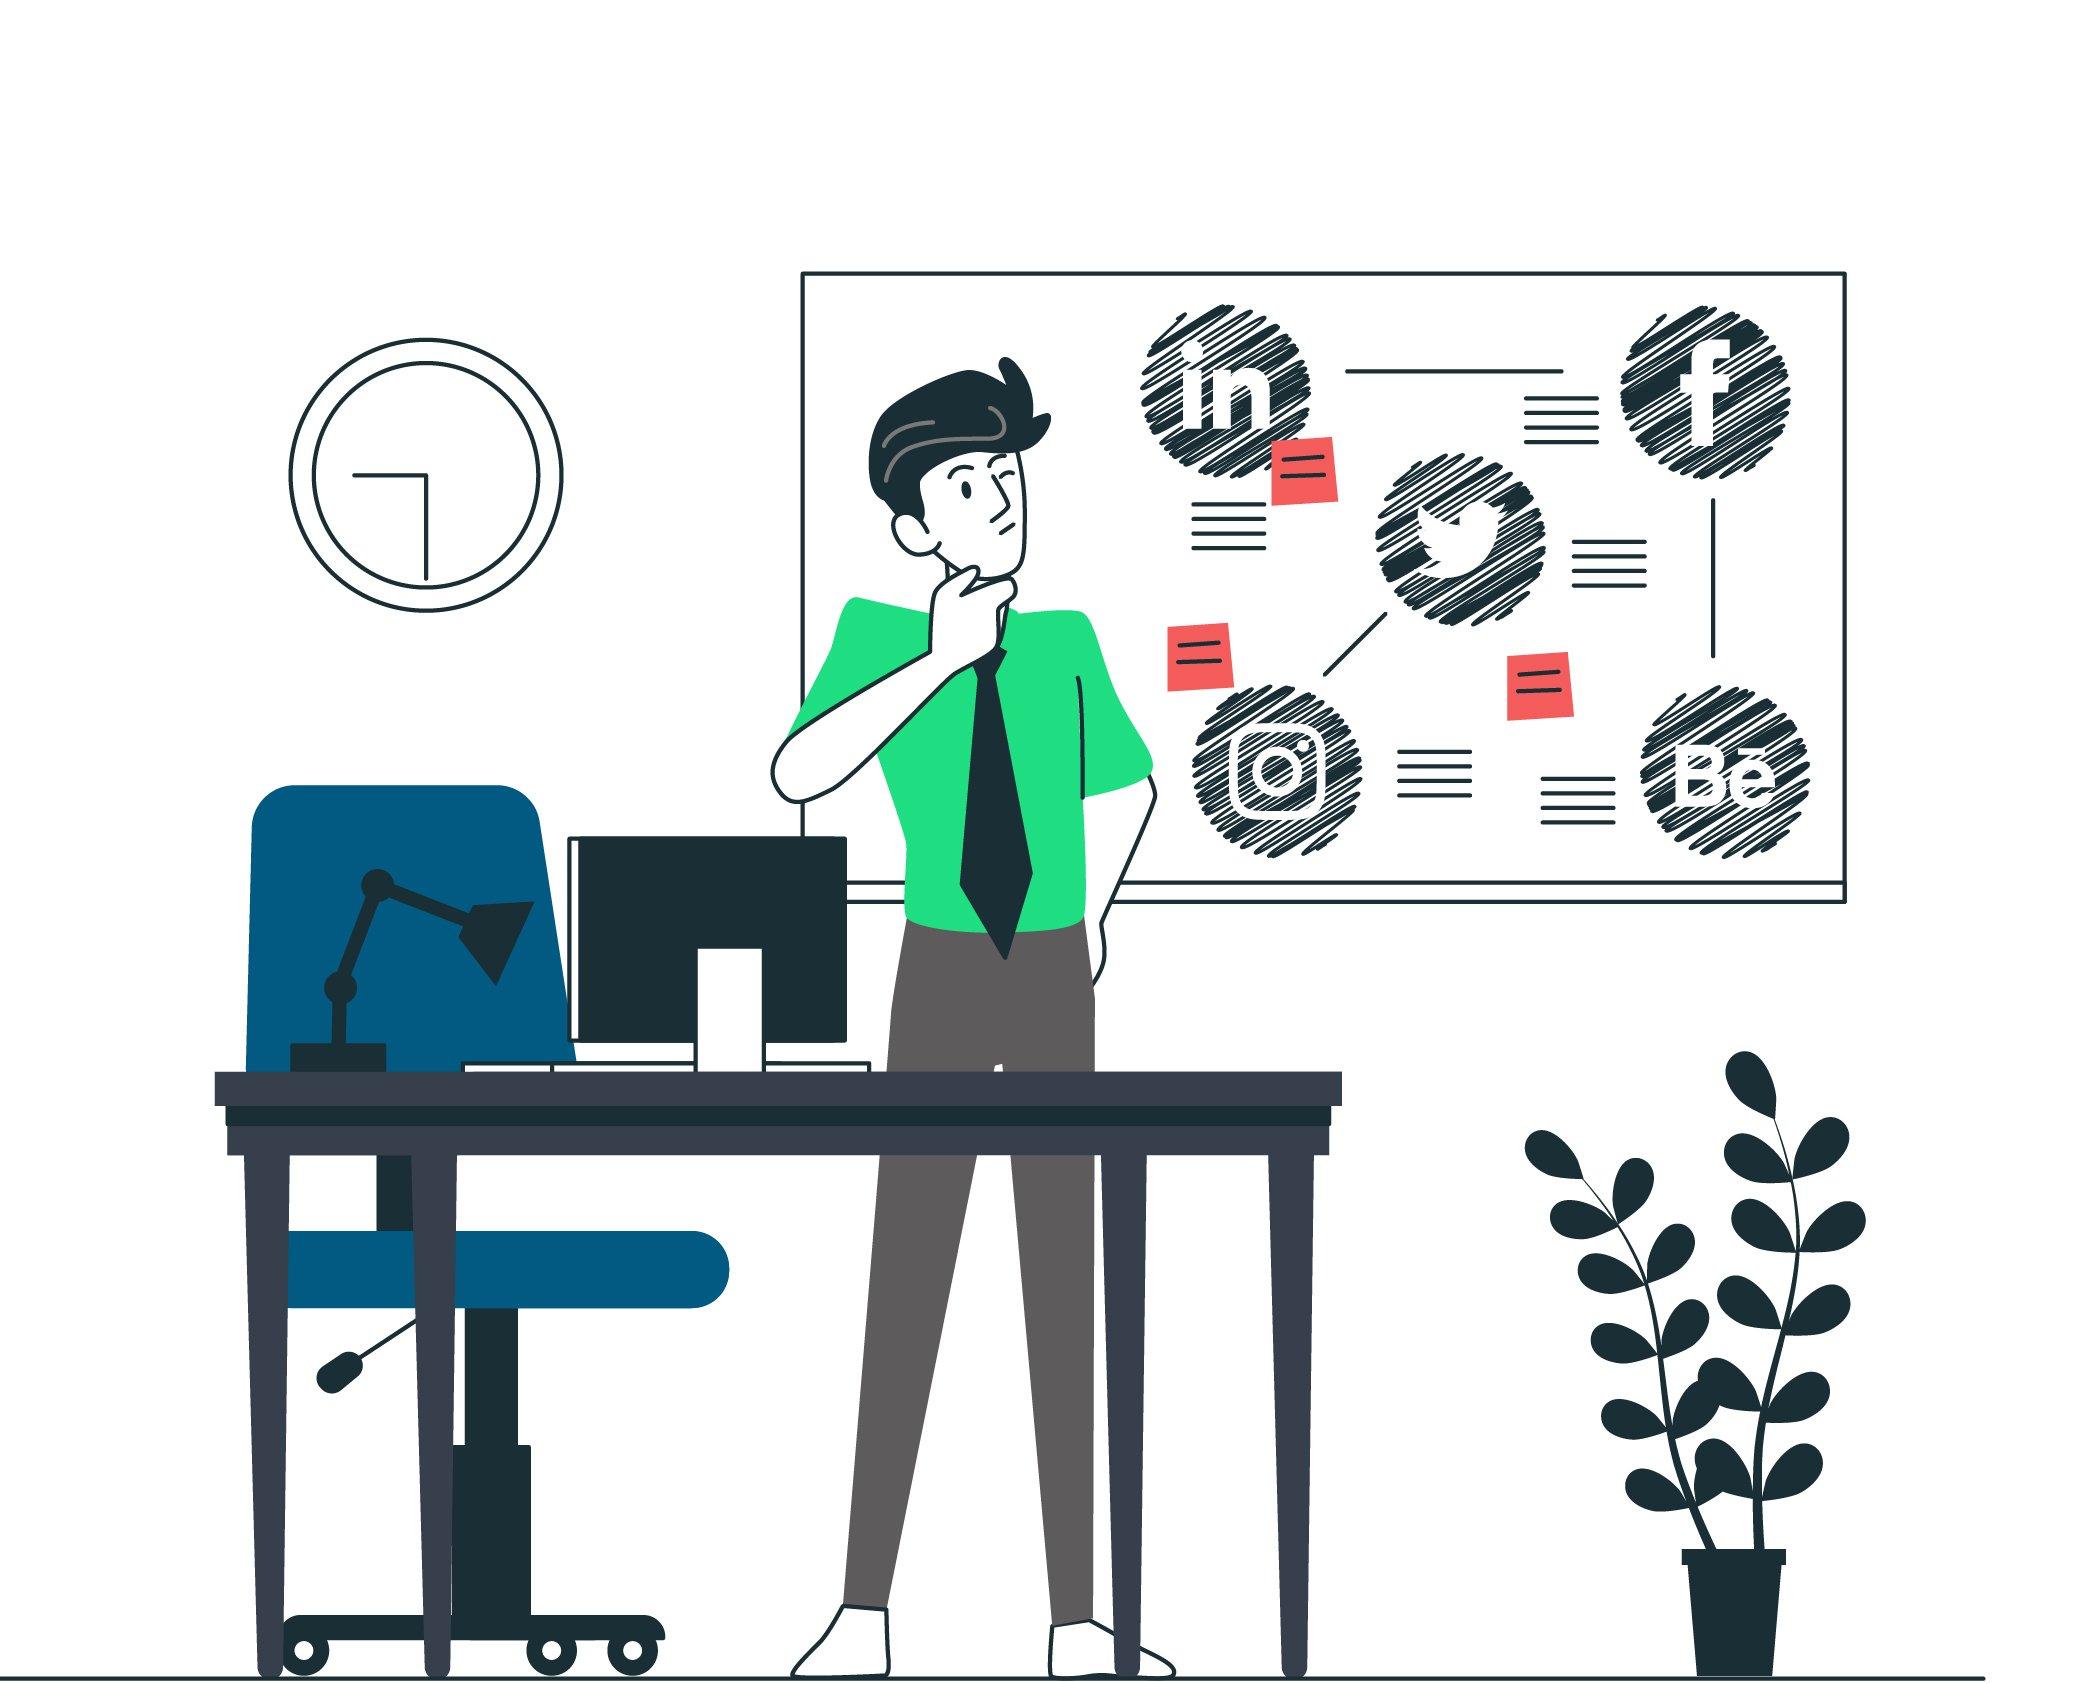 Aplusdigitalsolutions - Digital Marketing Company in Delhi